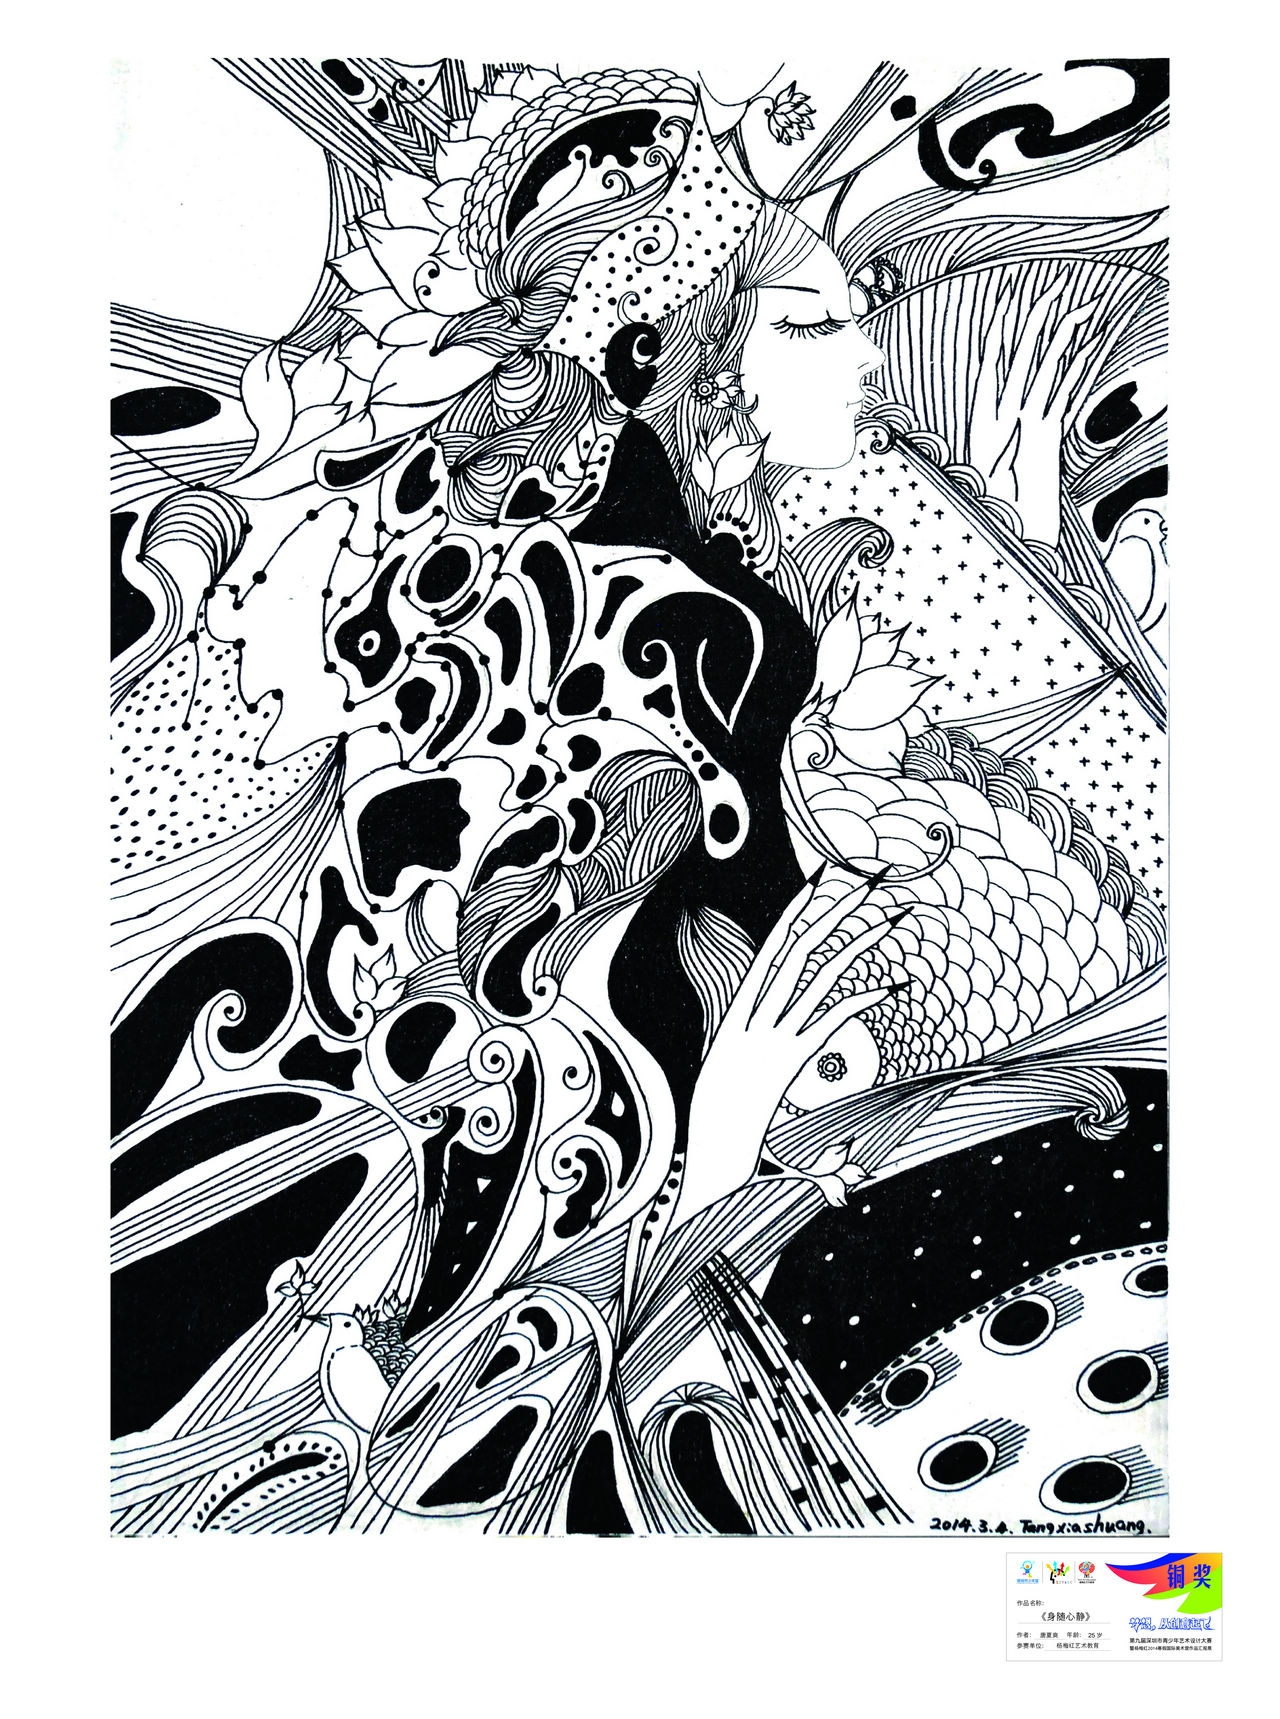 手绘艺中国手绘艺术设计大赛标志